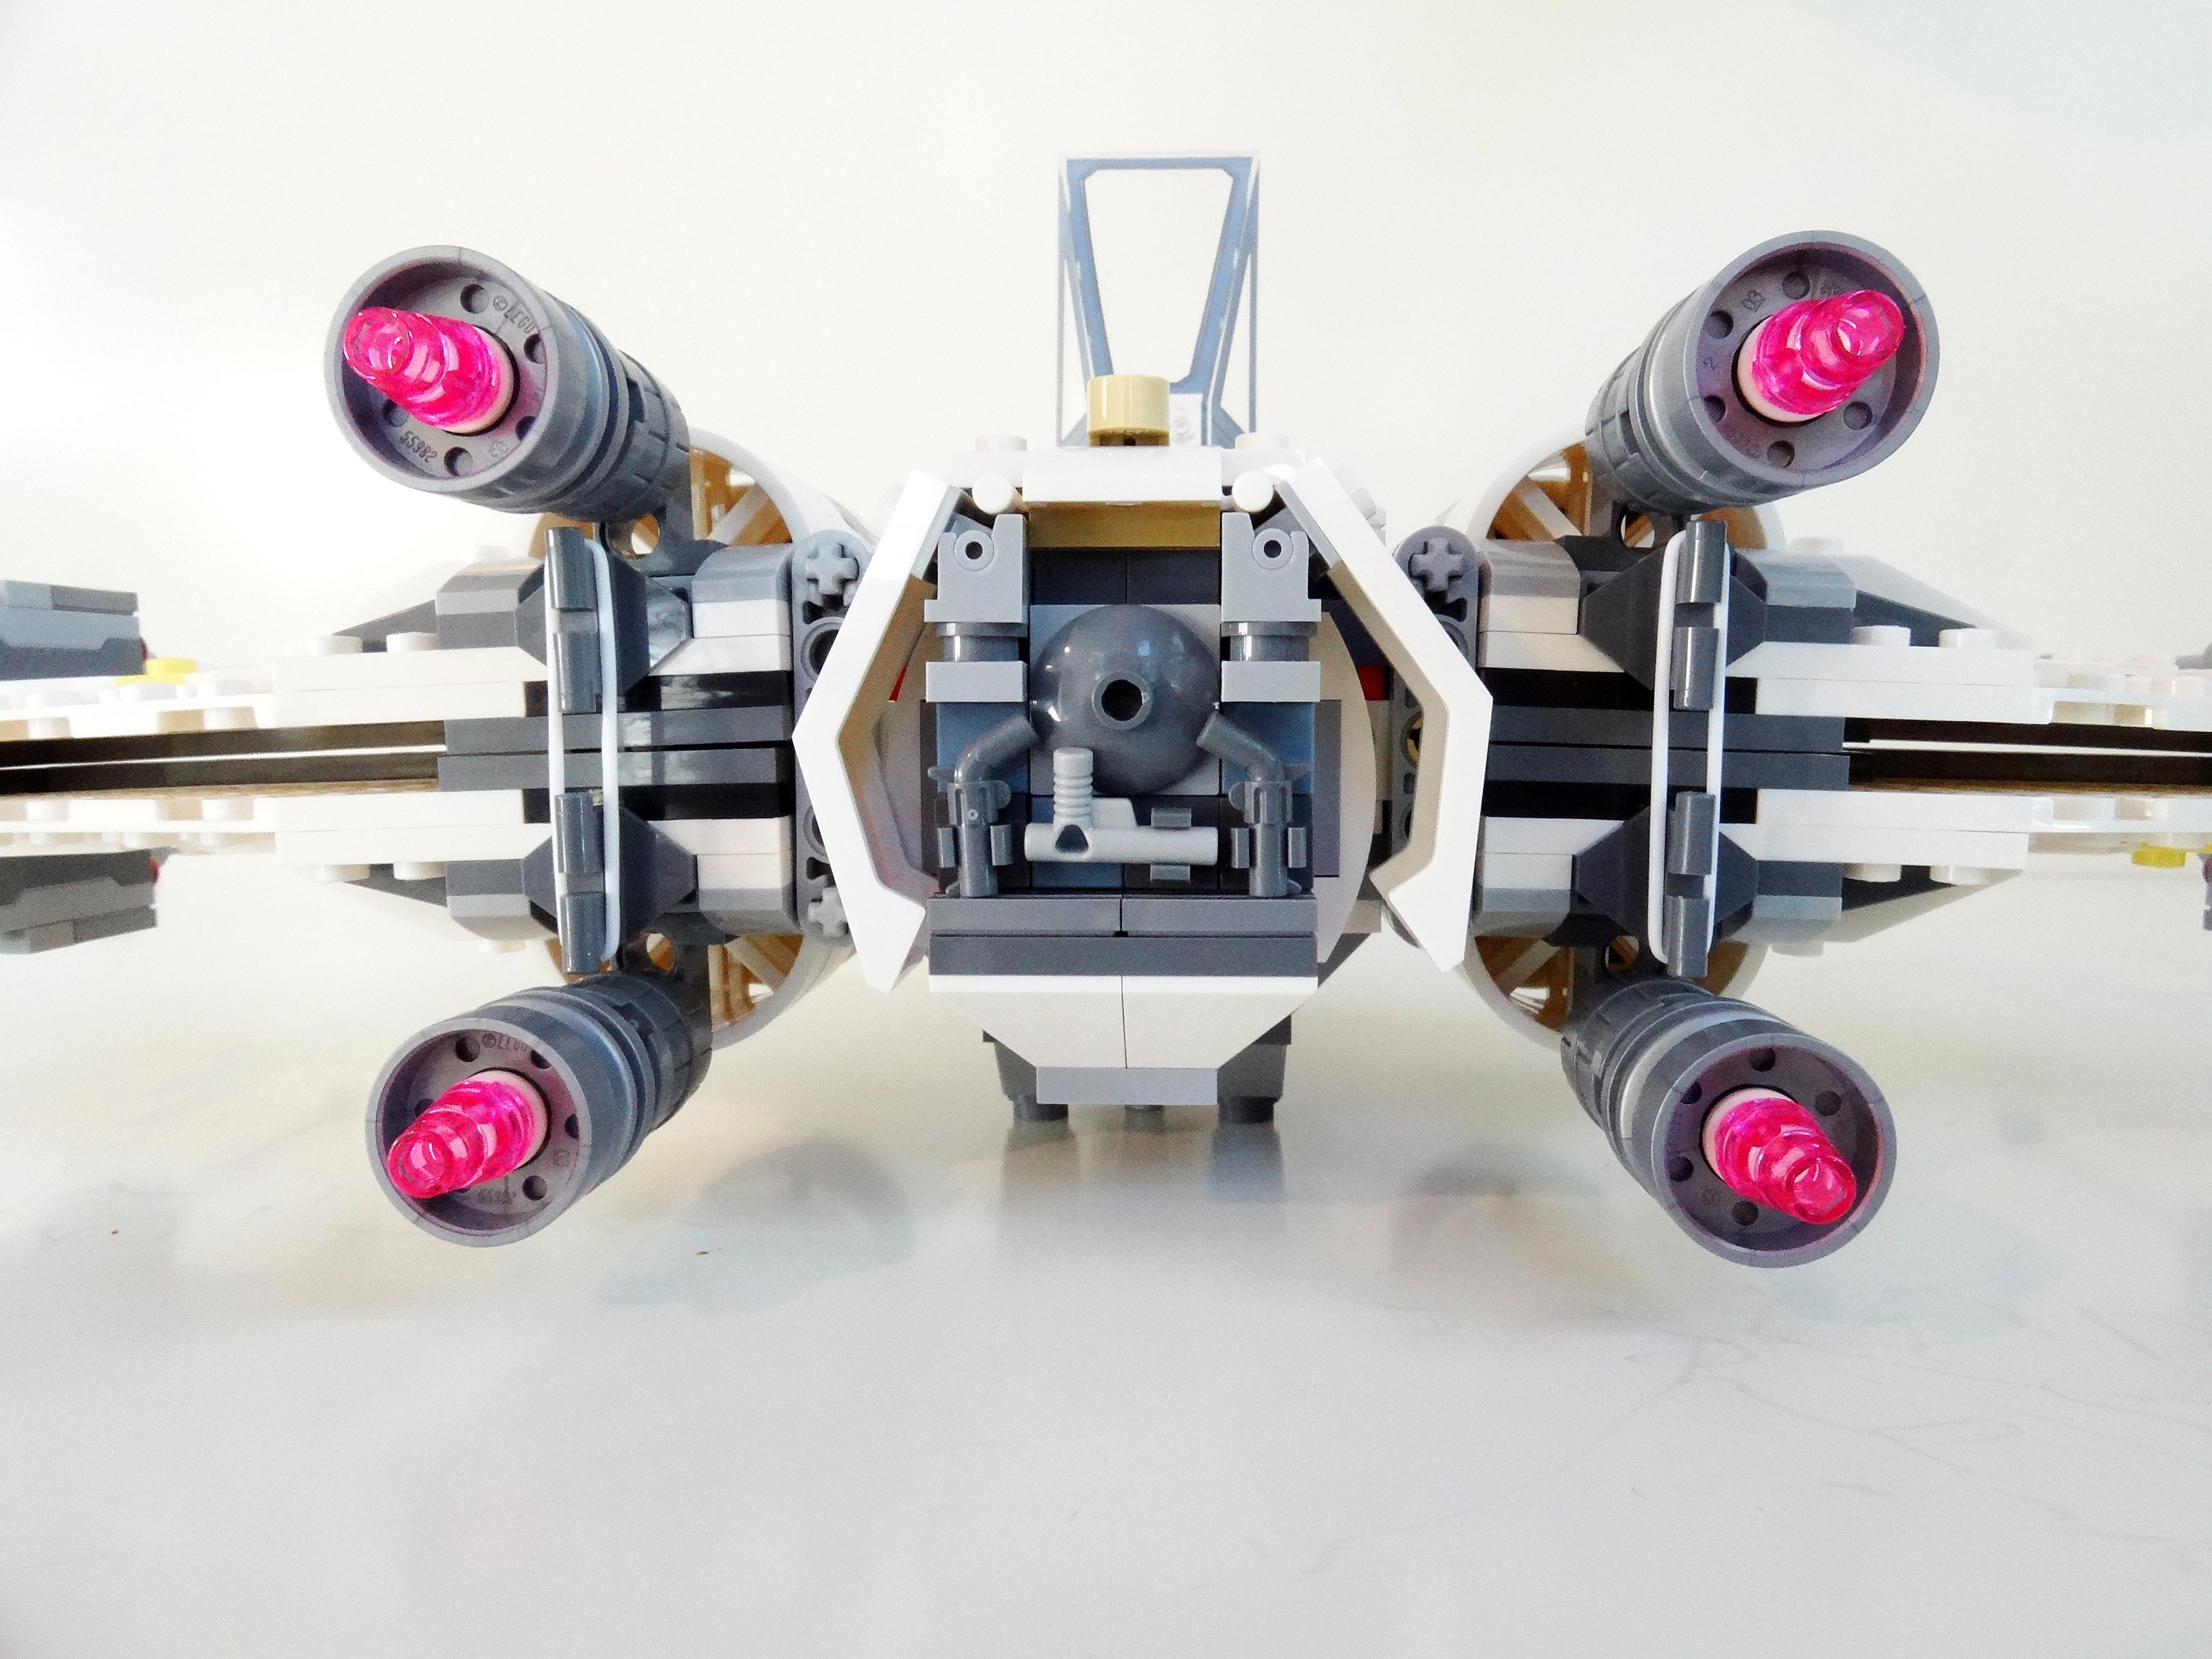 Rückseite des X-Wing mit den vier Triebwerken und den beiden weißen Gummibändern zur Stabilisierung der vier Flügel.